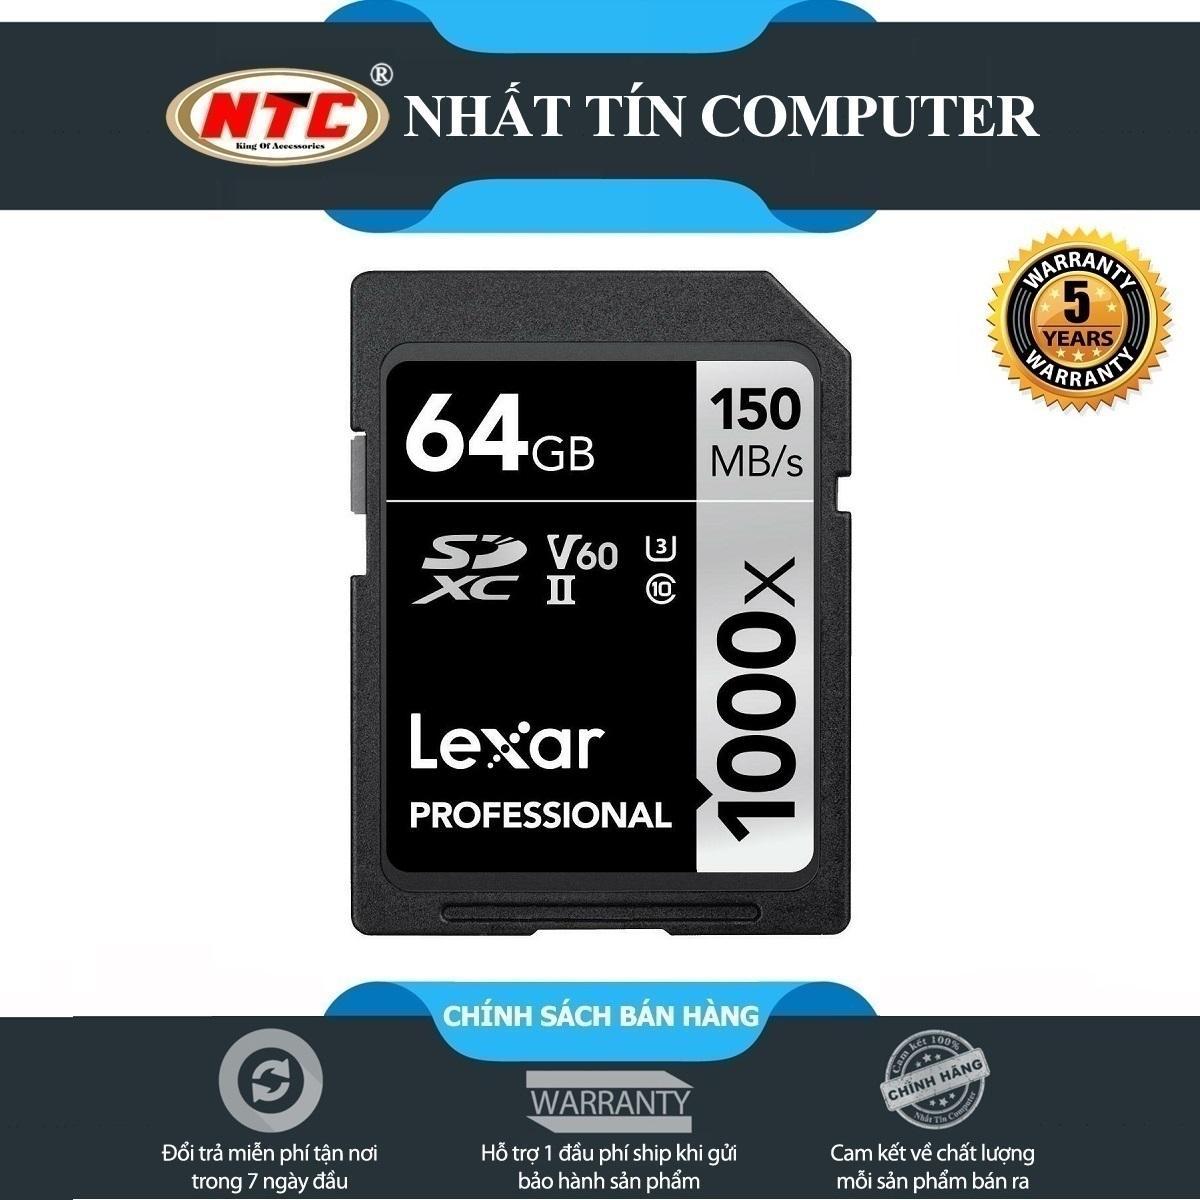 Giá Thẻ Nhớ Sdxc Lexar Professional 64Gb 1000X Class 10 Uhs-Ii U3 V60 150Mb/S (Đen)